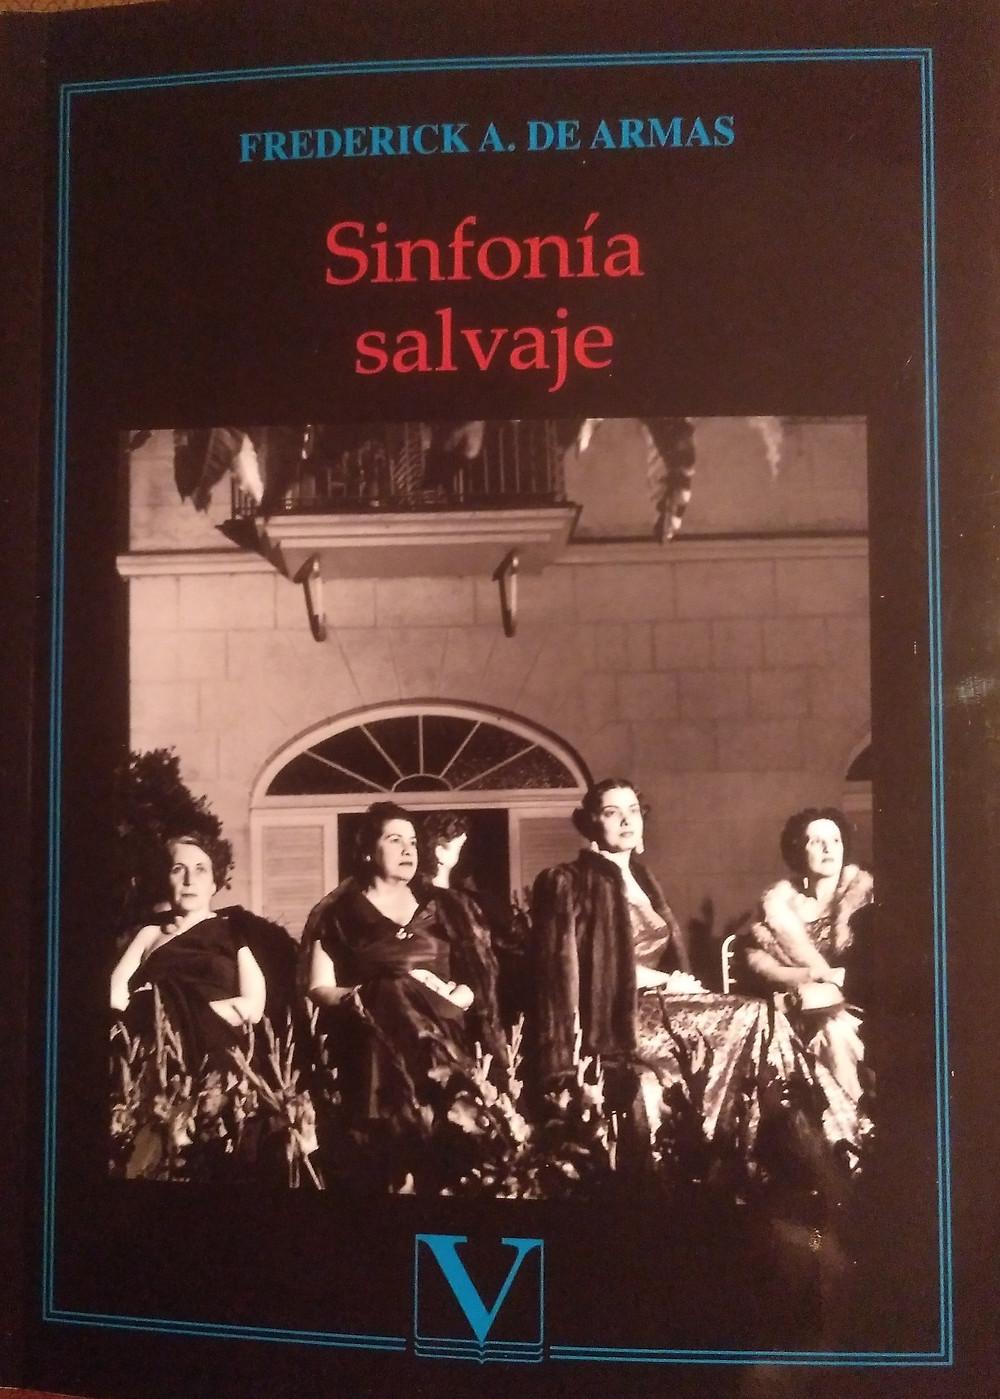 Sinfonía salvaje. Frederick A. De Armas. Editorial VERBUM. Madrid. 2019.